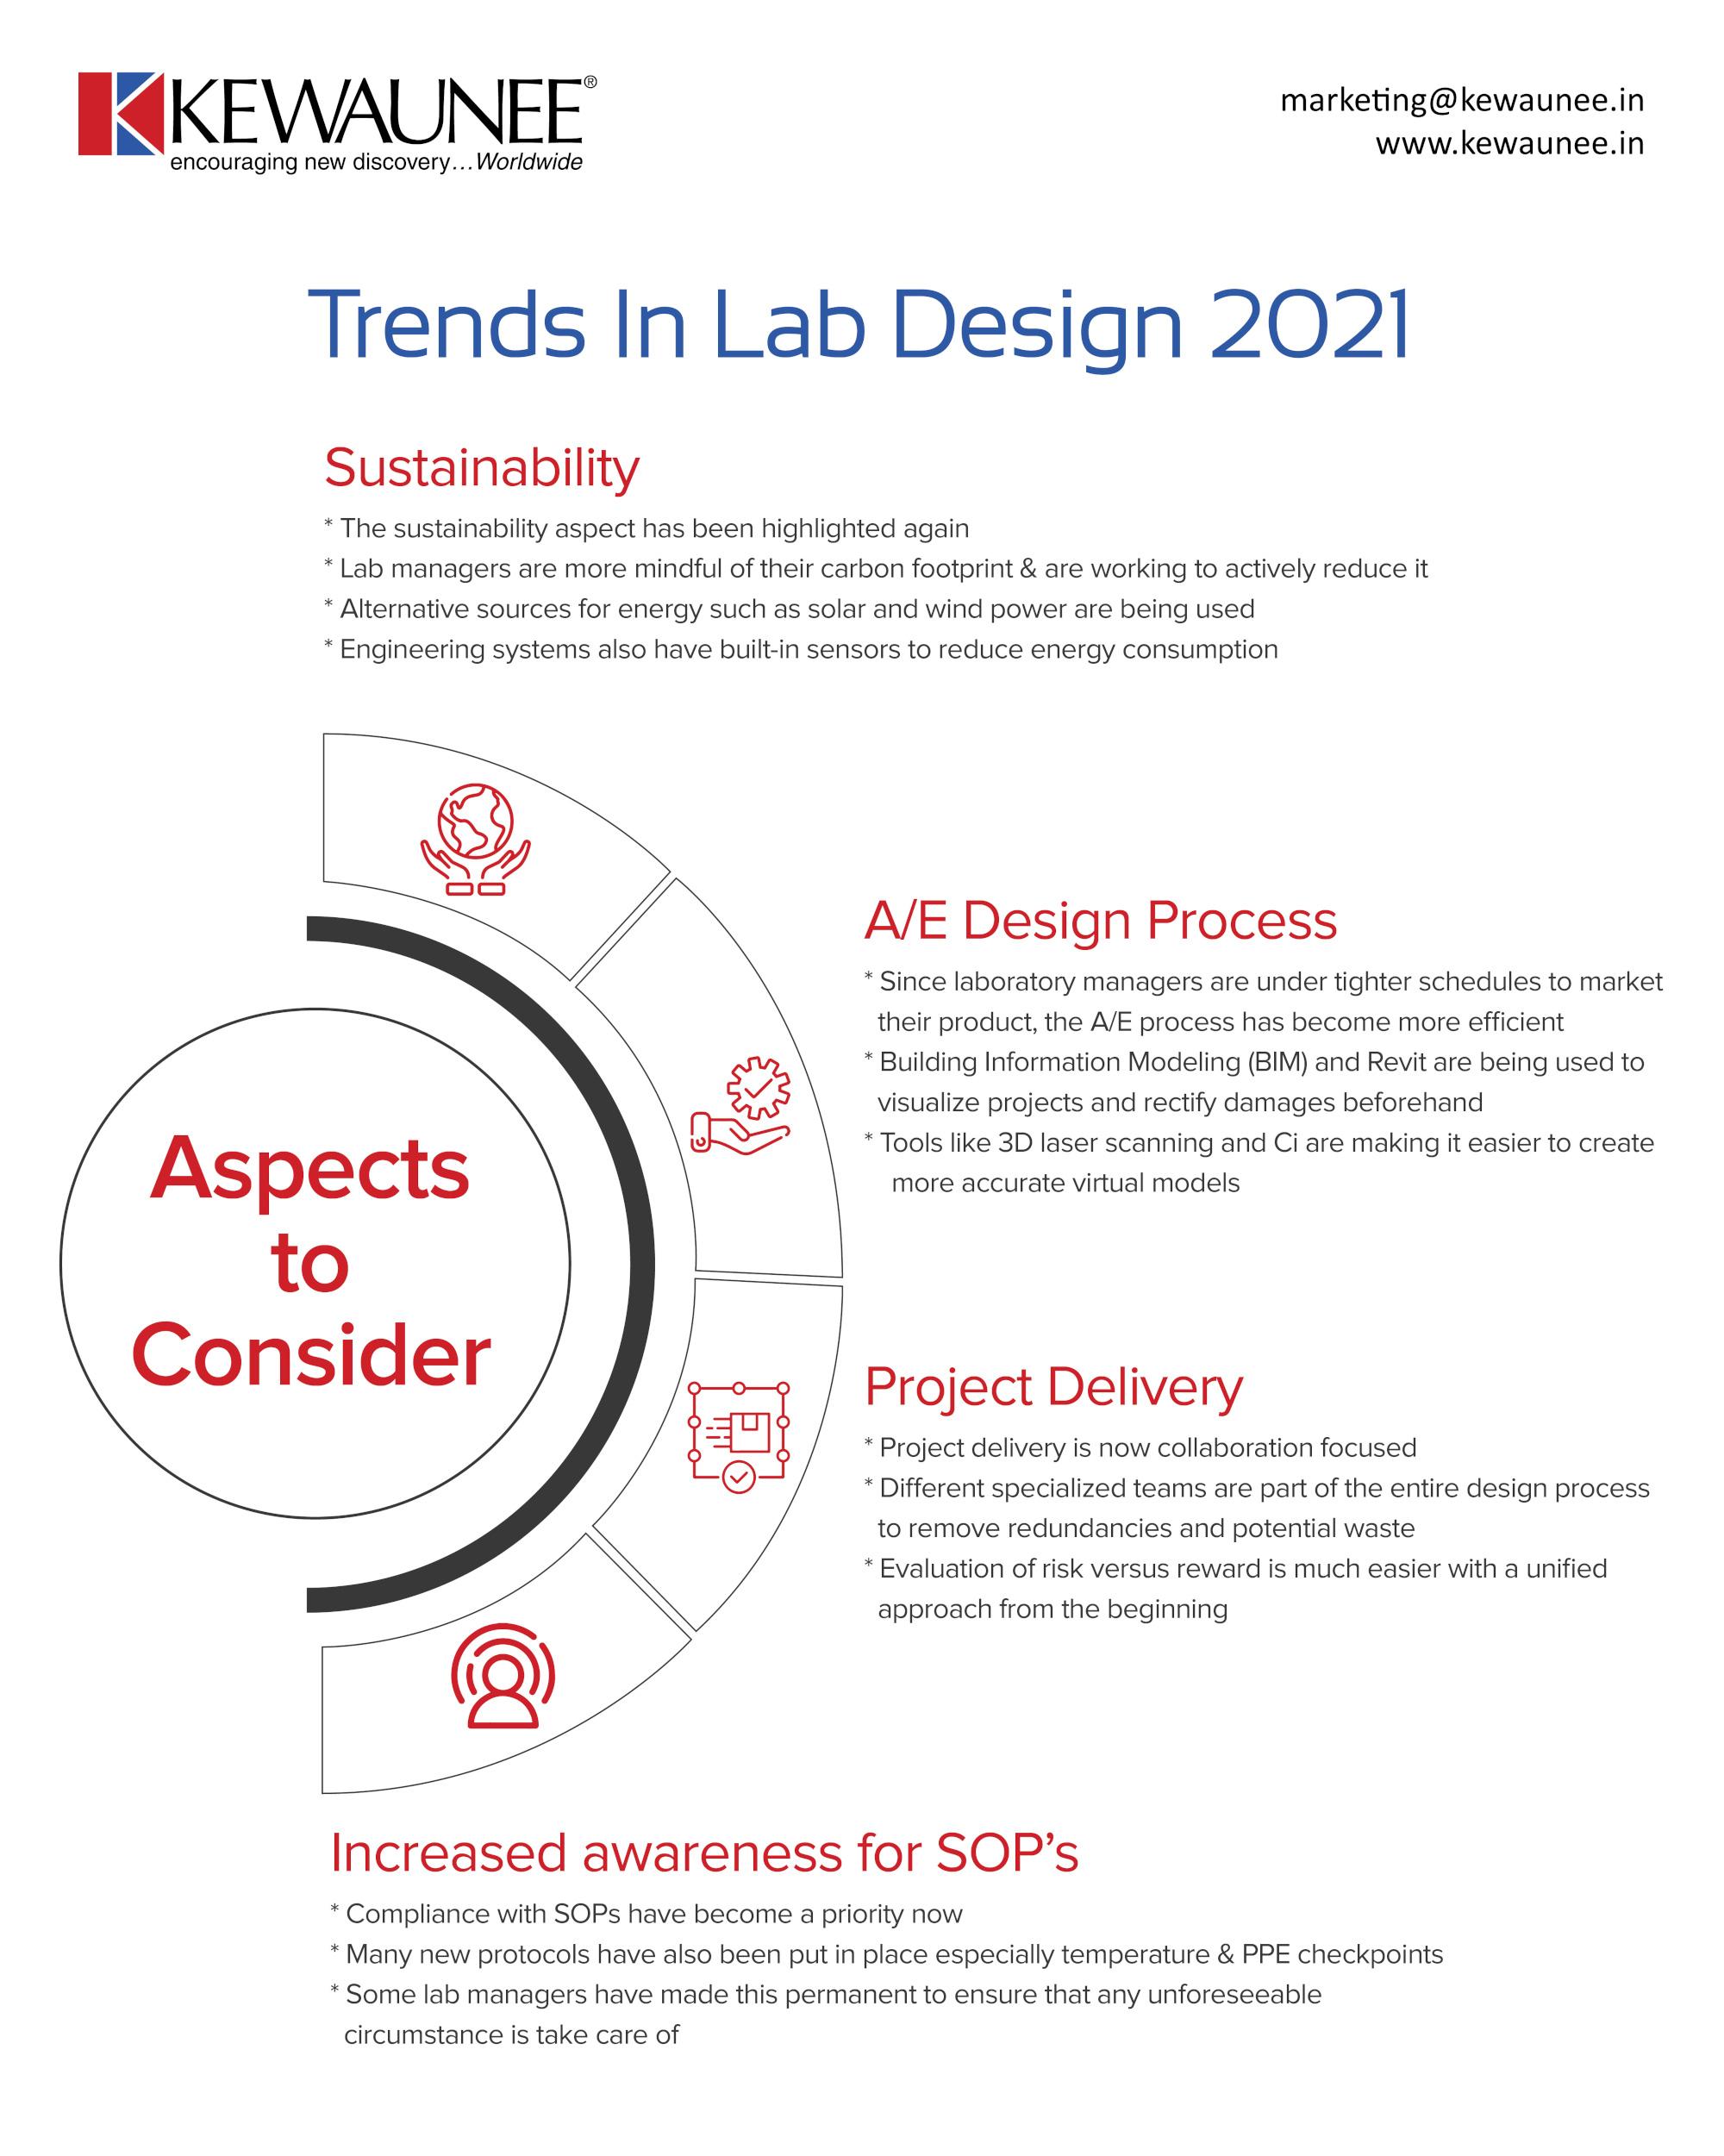 Trends in lab design 2021